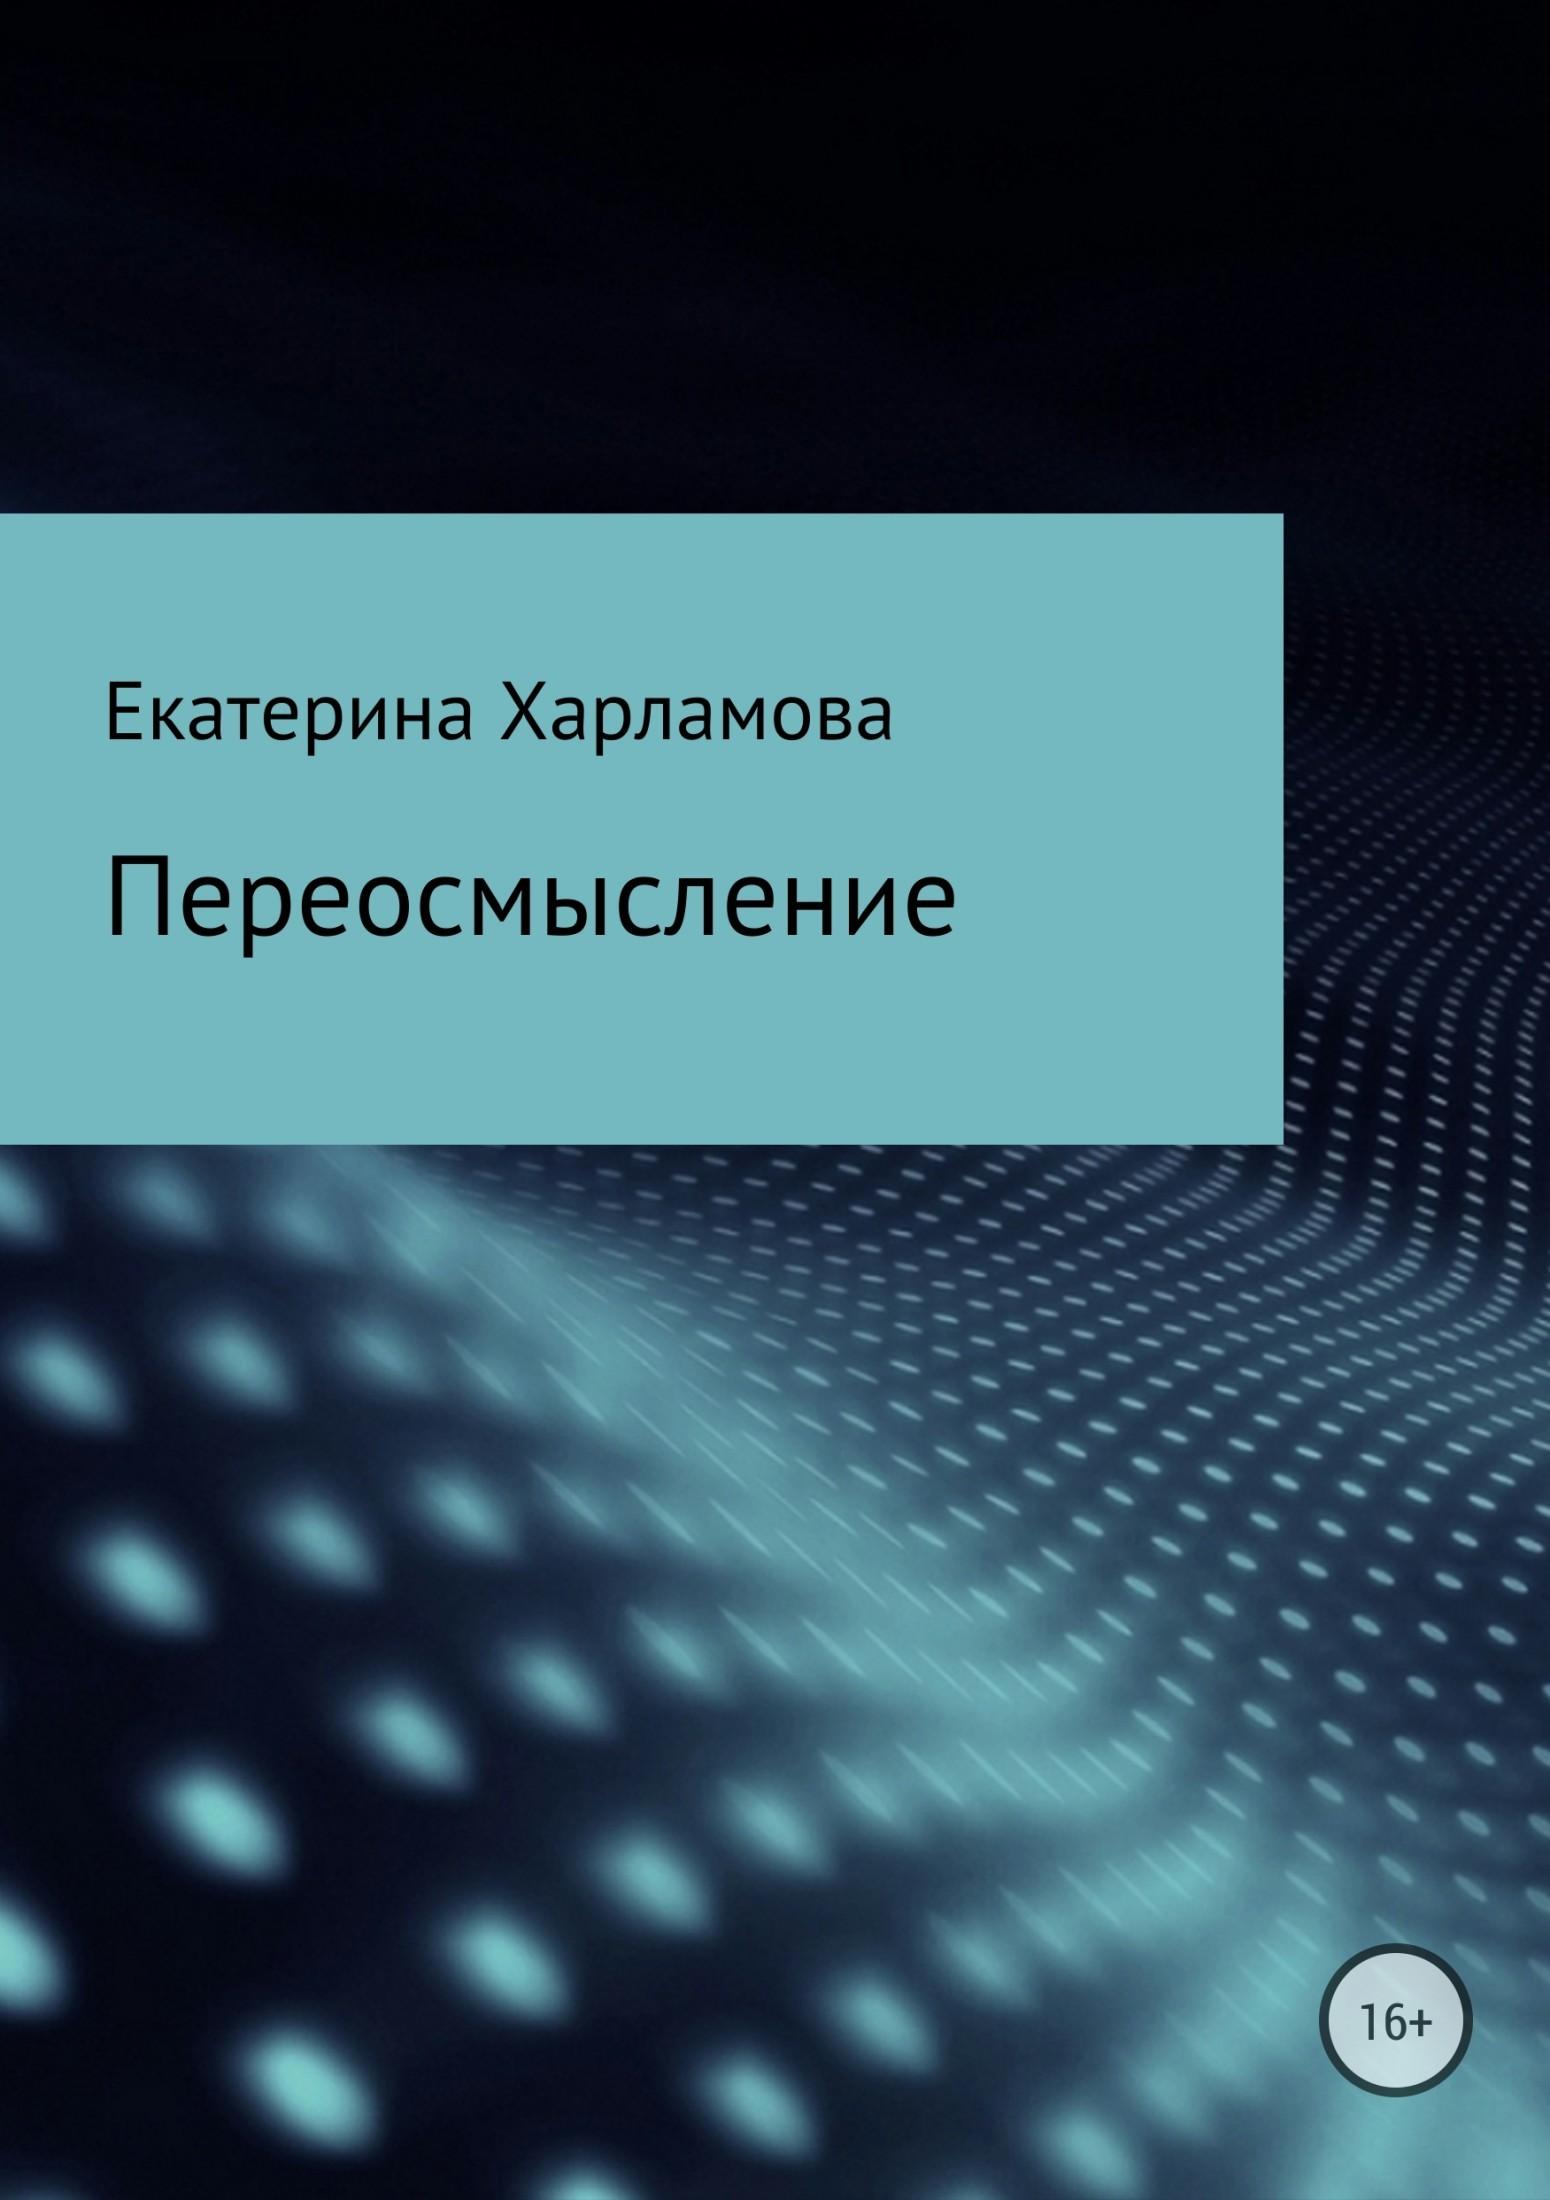 Екатерина Сергеевна Харламова Переосмысление андрей курпатов 21 правдивый ответ как изменить отношение к жизни